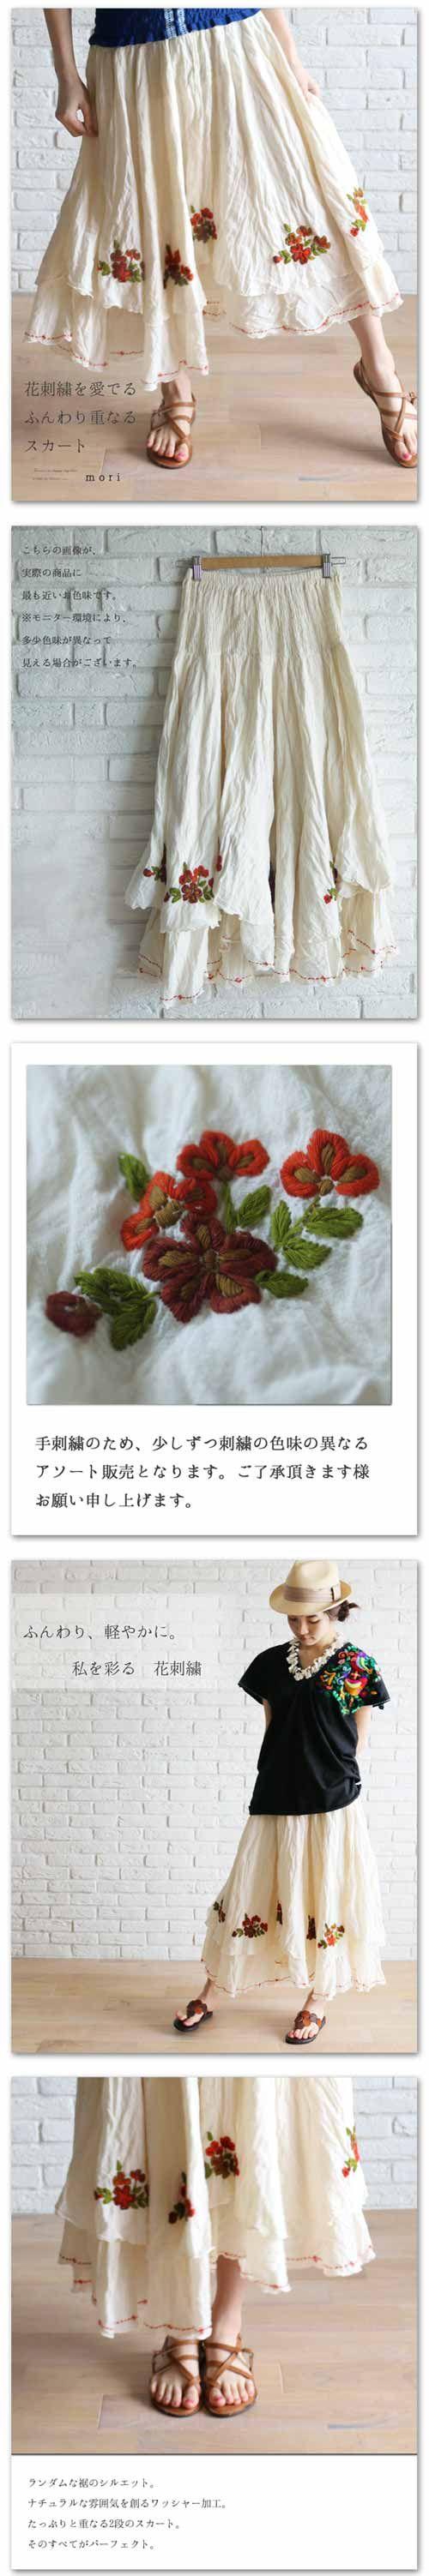 。7/25 22時から 残りわずか*(オフホワイト)「mori」花刺繍を愛でるふんわり重なるスカート